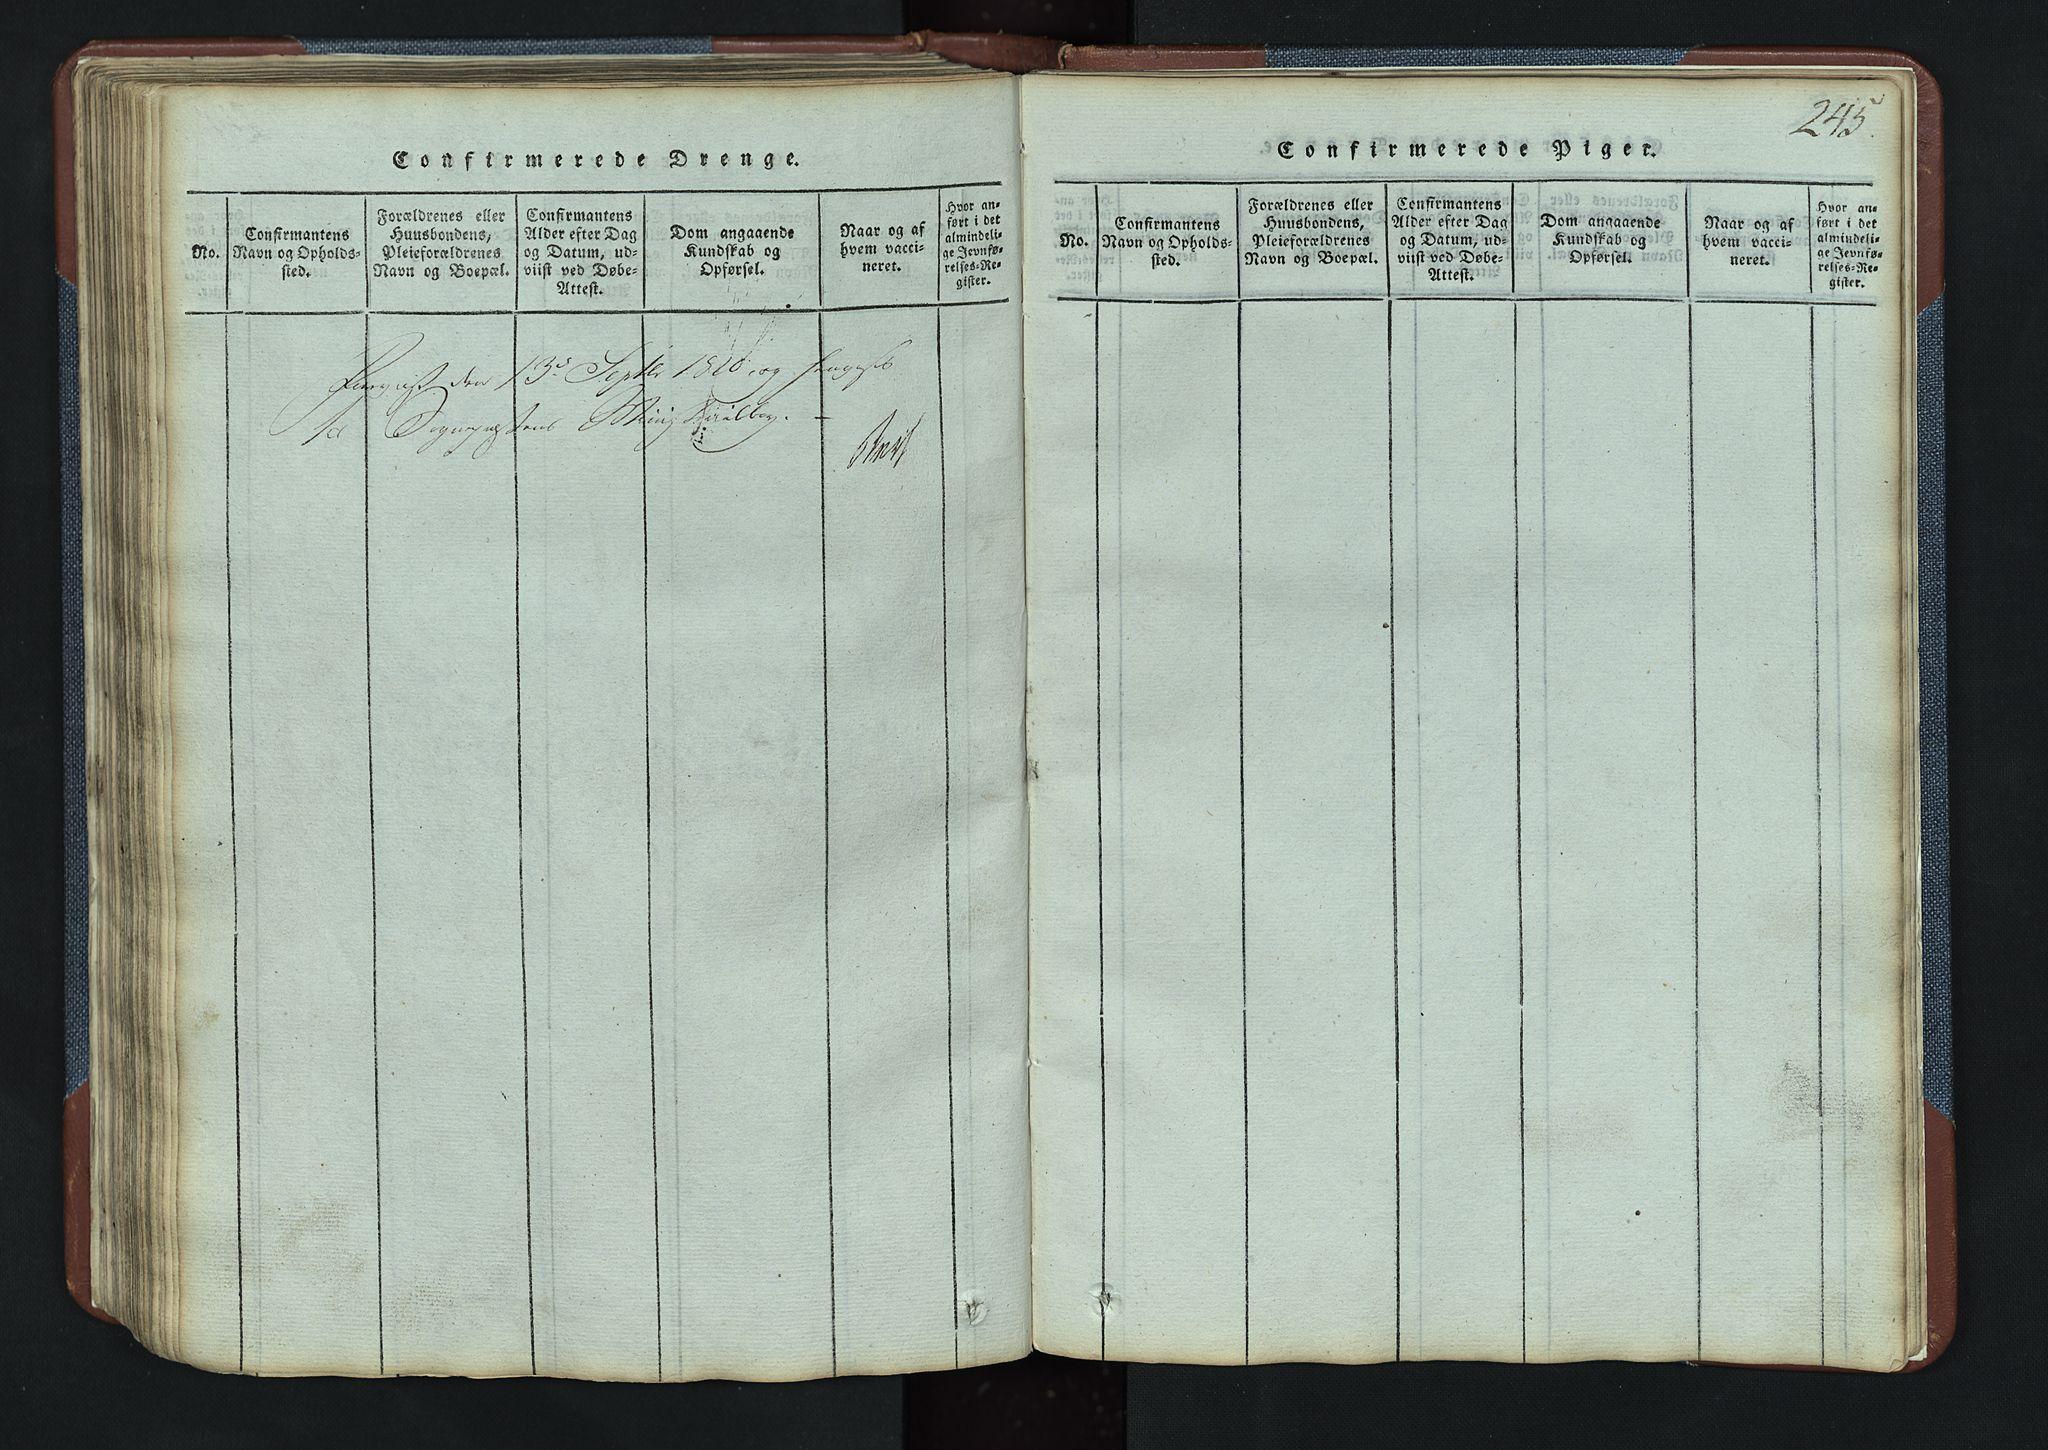 SAH, Vang prestekontor, Valdres, Klokkerbok nr. 3, 1814-1892, s. 245